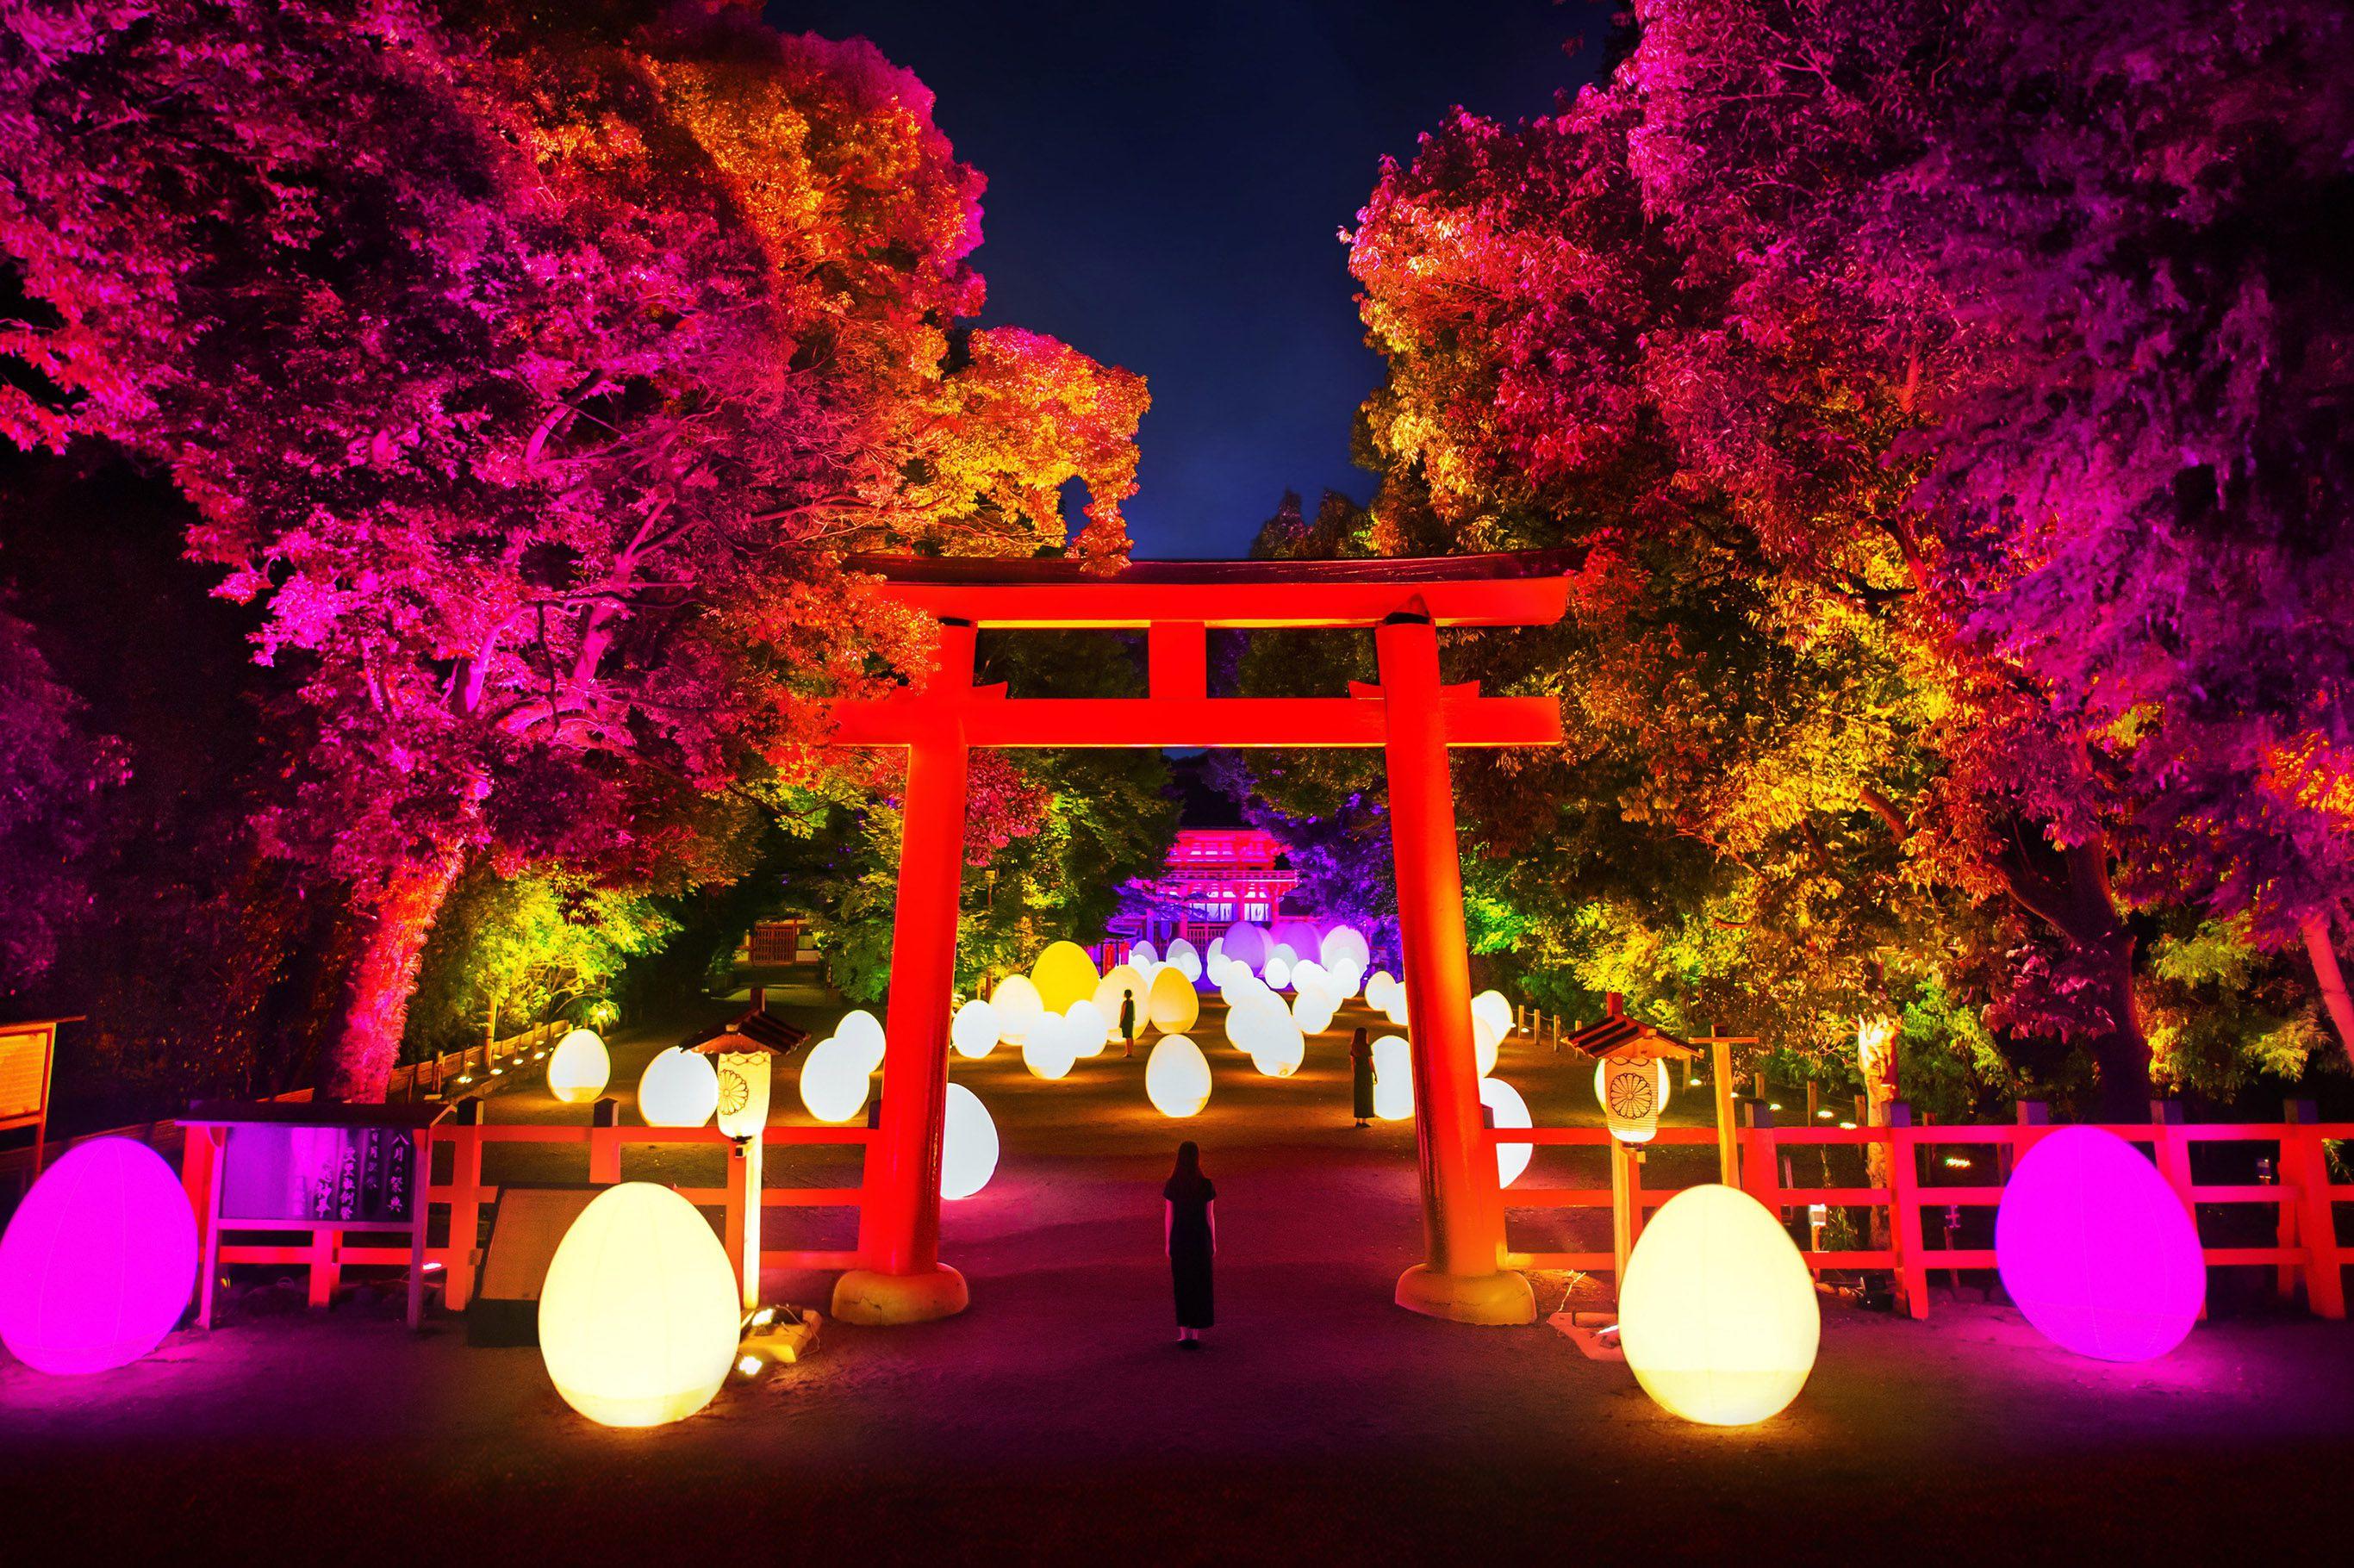 下鴨神社では、糺の森の参道、楼門内を舞台に光のインスタレーション作品を展示。